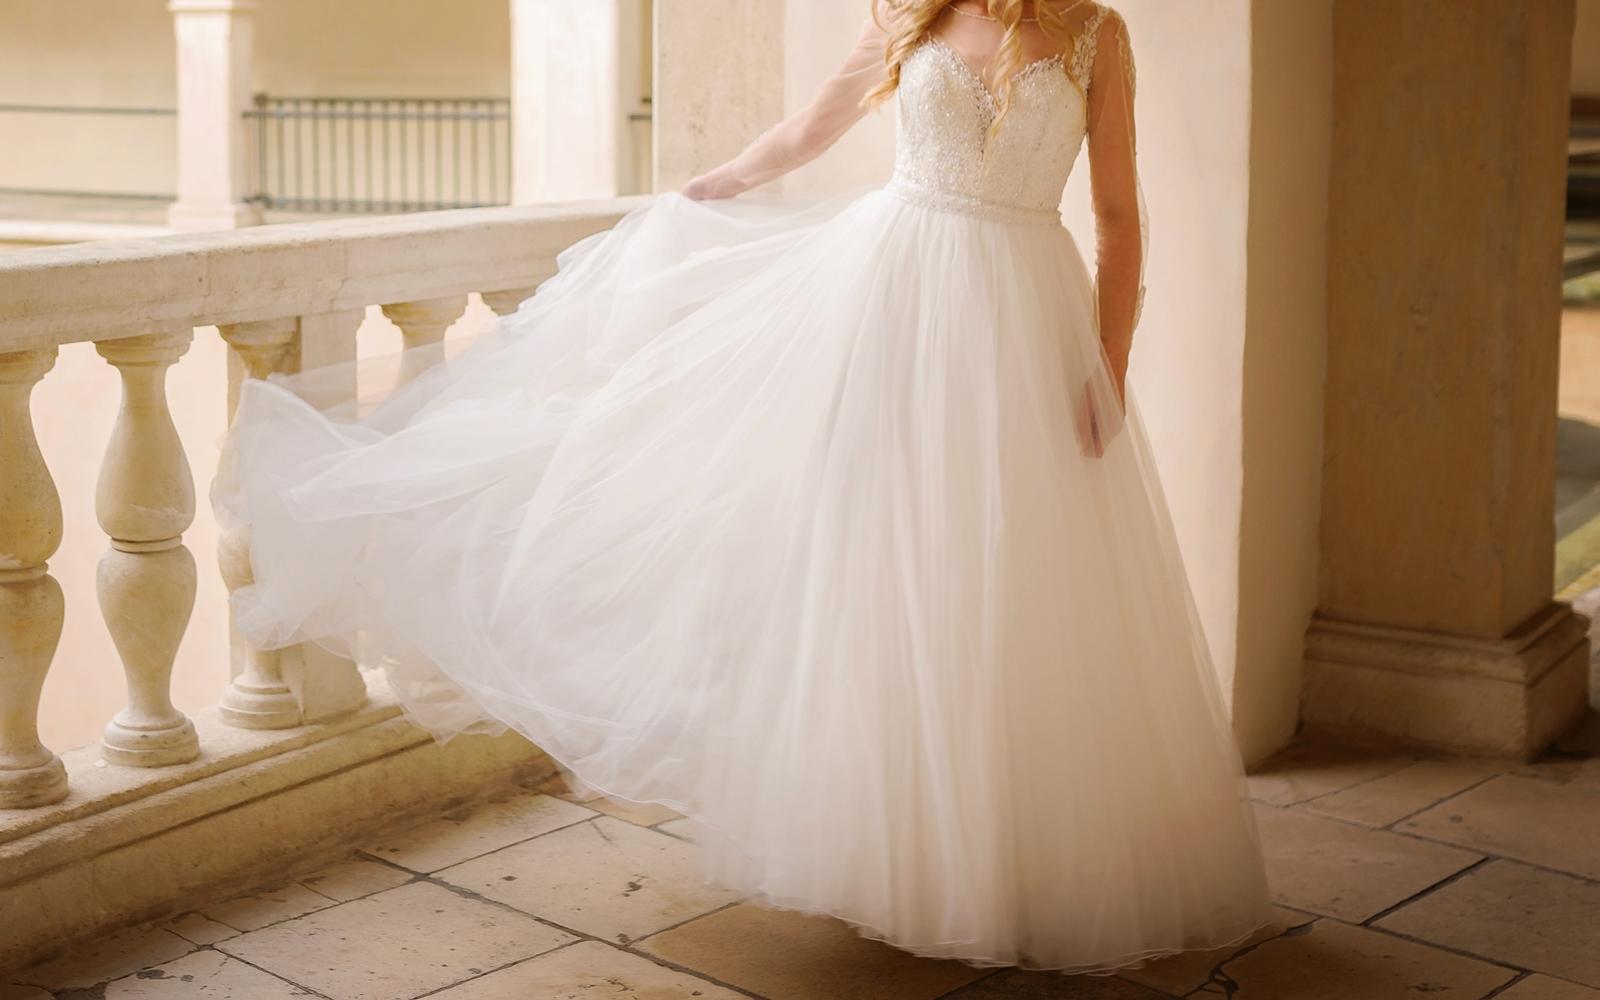 cadfe23a33 Suknia ślubna Justin Alexander wyjątkowy model - 7647289835 ...